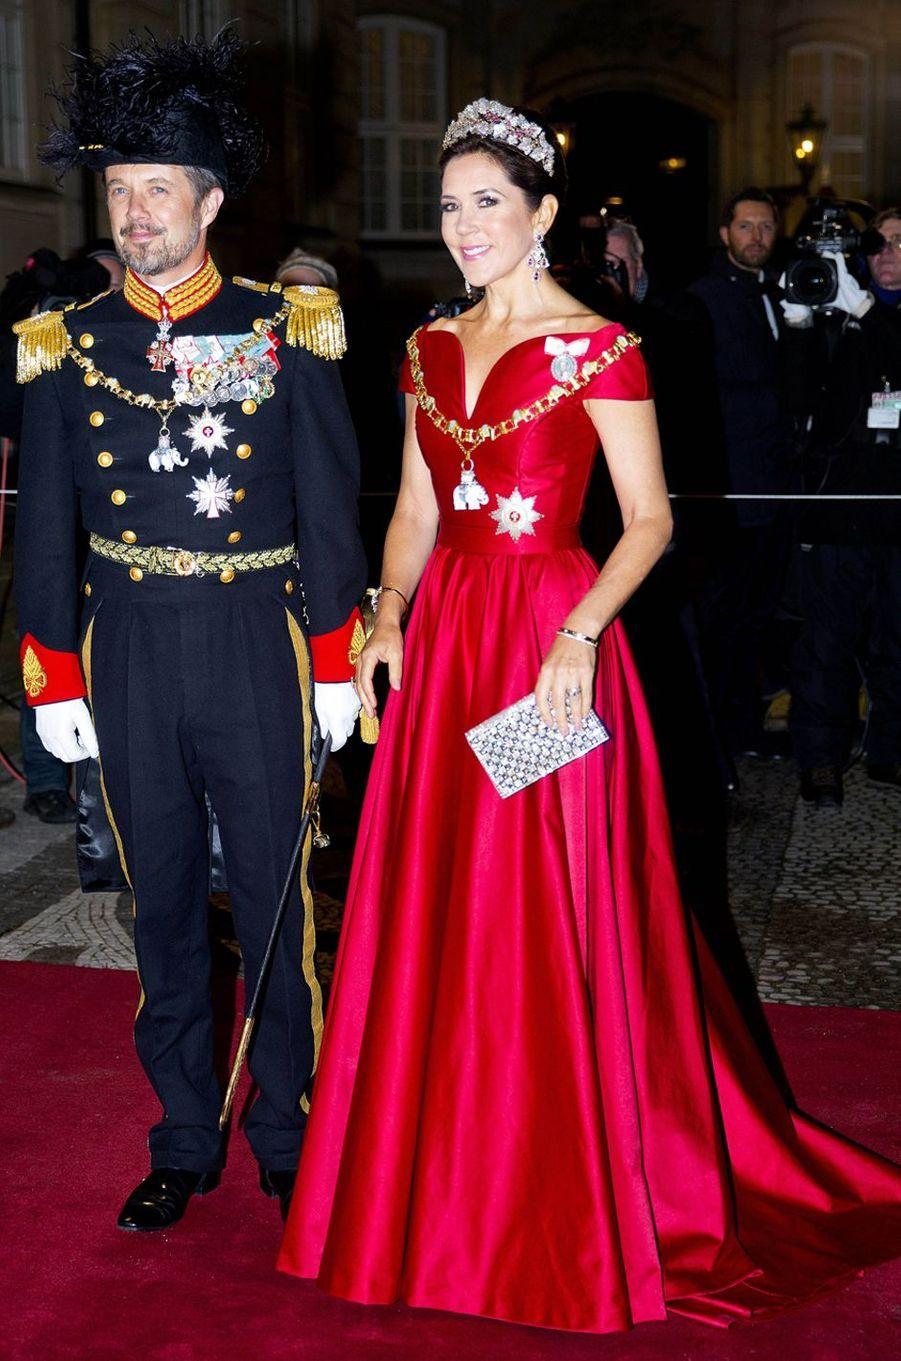 La princesse Mary de Danemark avec son époux le prince héritier Frederik à Copenhague, le 1er janvier 2018